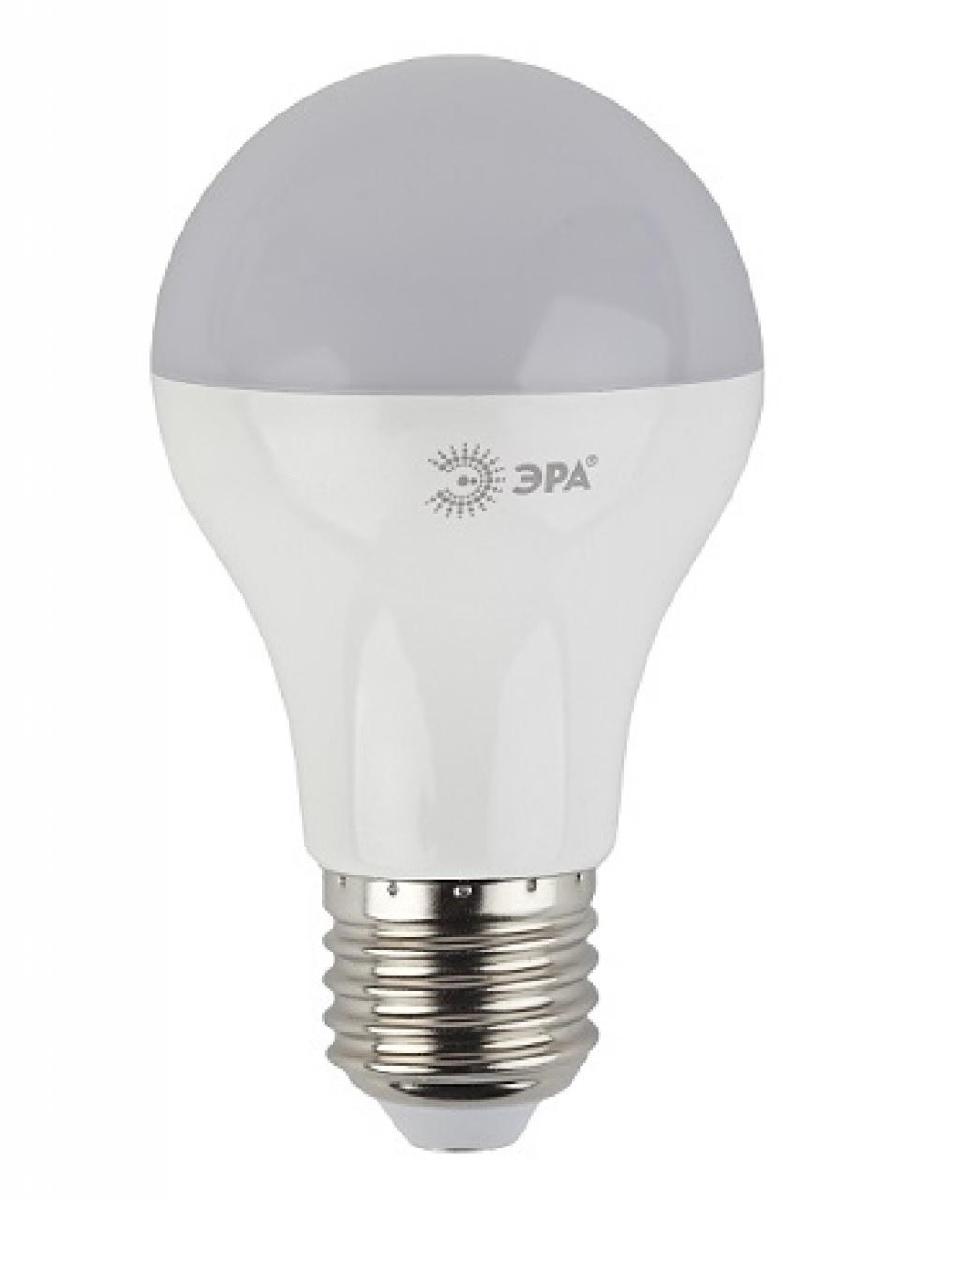 Лампа светодиодная ЭРА, цоколь E27, 170-265V, 10W, 4000К5055945518351Светодиодная лампа ЭРА является самым перспективным источником света. Основным преимуществом данного источника света является длительный срок службы и очень низкое энергопотребление, так, например, по сравнению с обычной лампой накаливания светодиодная лампа служит в среднем в 50 раз дольше и потребляет в 10-15 раз меньше электроэнергии. При этом светодиодная лампа практически не подвержена механическому воздействию из-за прочной конструкции и позволяет получить любой цвет светового потока, что, несомненно, расширяет возможности применения и позволяет создавать новые решения в области освещения.Особенности серии A60:Лампочки лучшие в соотношении цена-качествоПредставлена широкая линейка, наличие всех типов цоколей ламп бытового сегментаСветовая отдача - 90-100 лм/ВтГарантия - 2 годаСовместимы с выключателями с подсветкой.